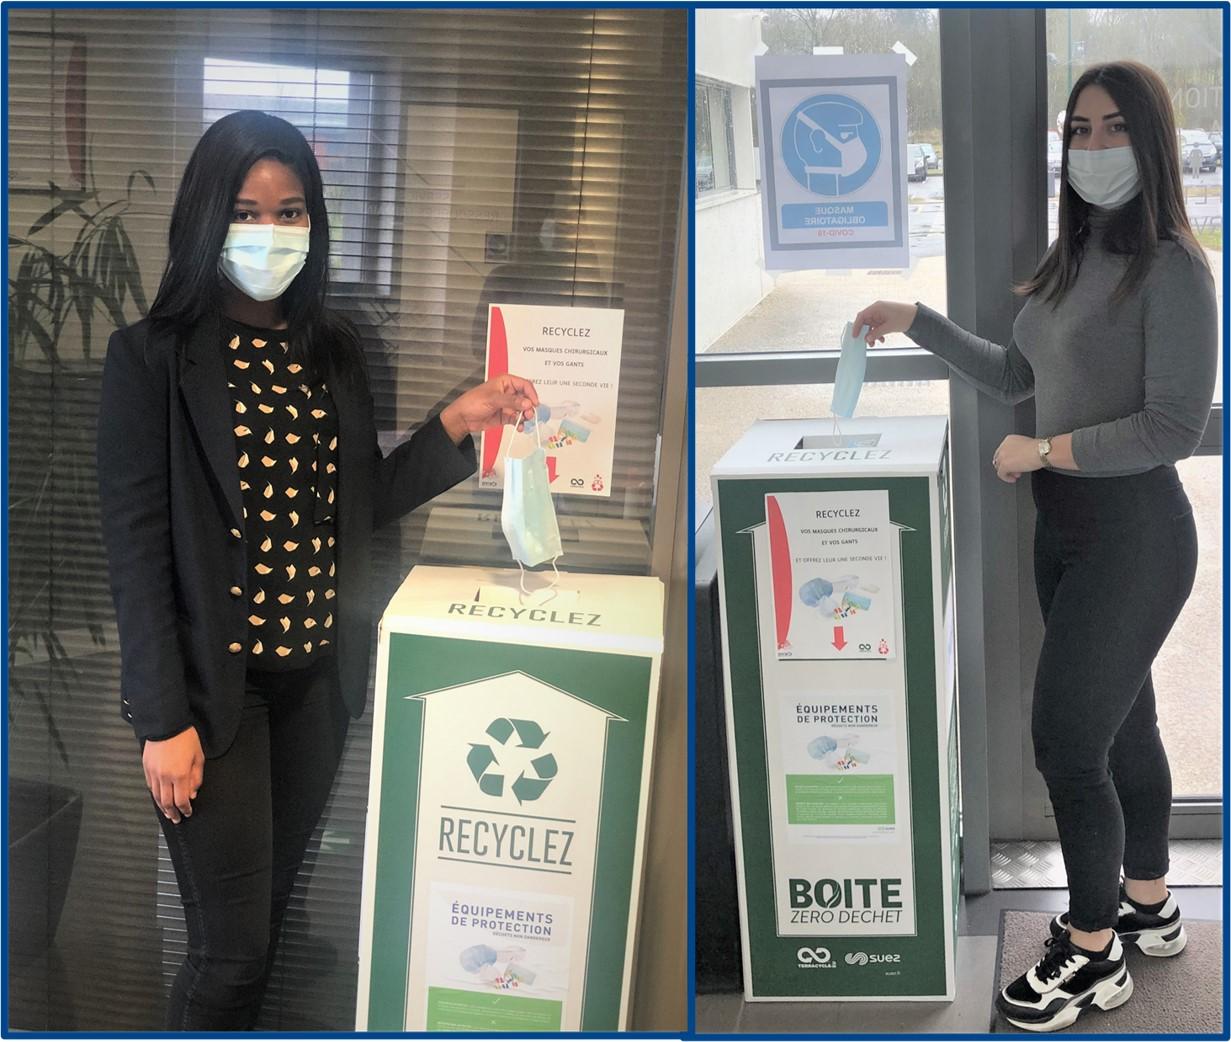 Recyclage masques usagés bornes de récupération pour valorisation déchets